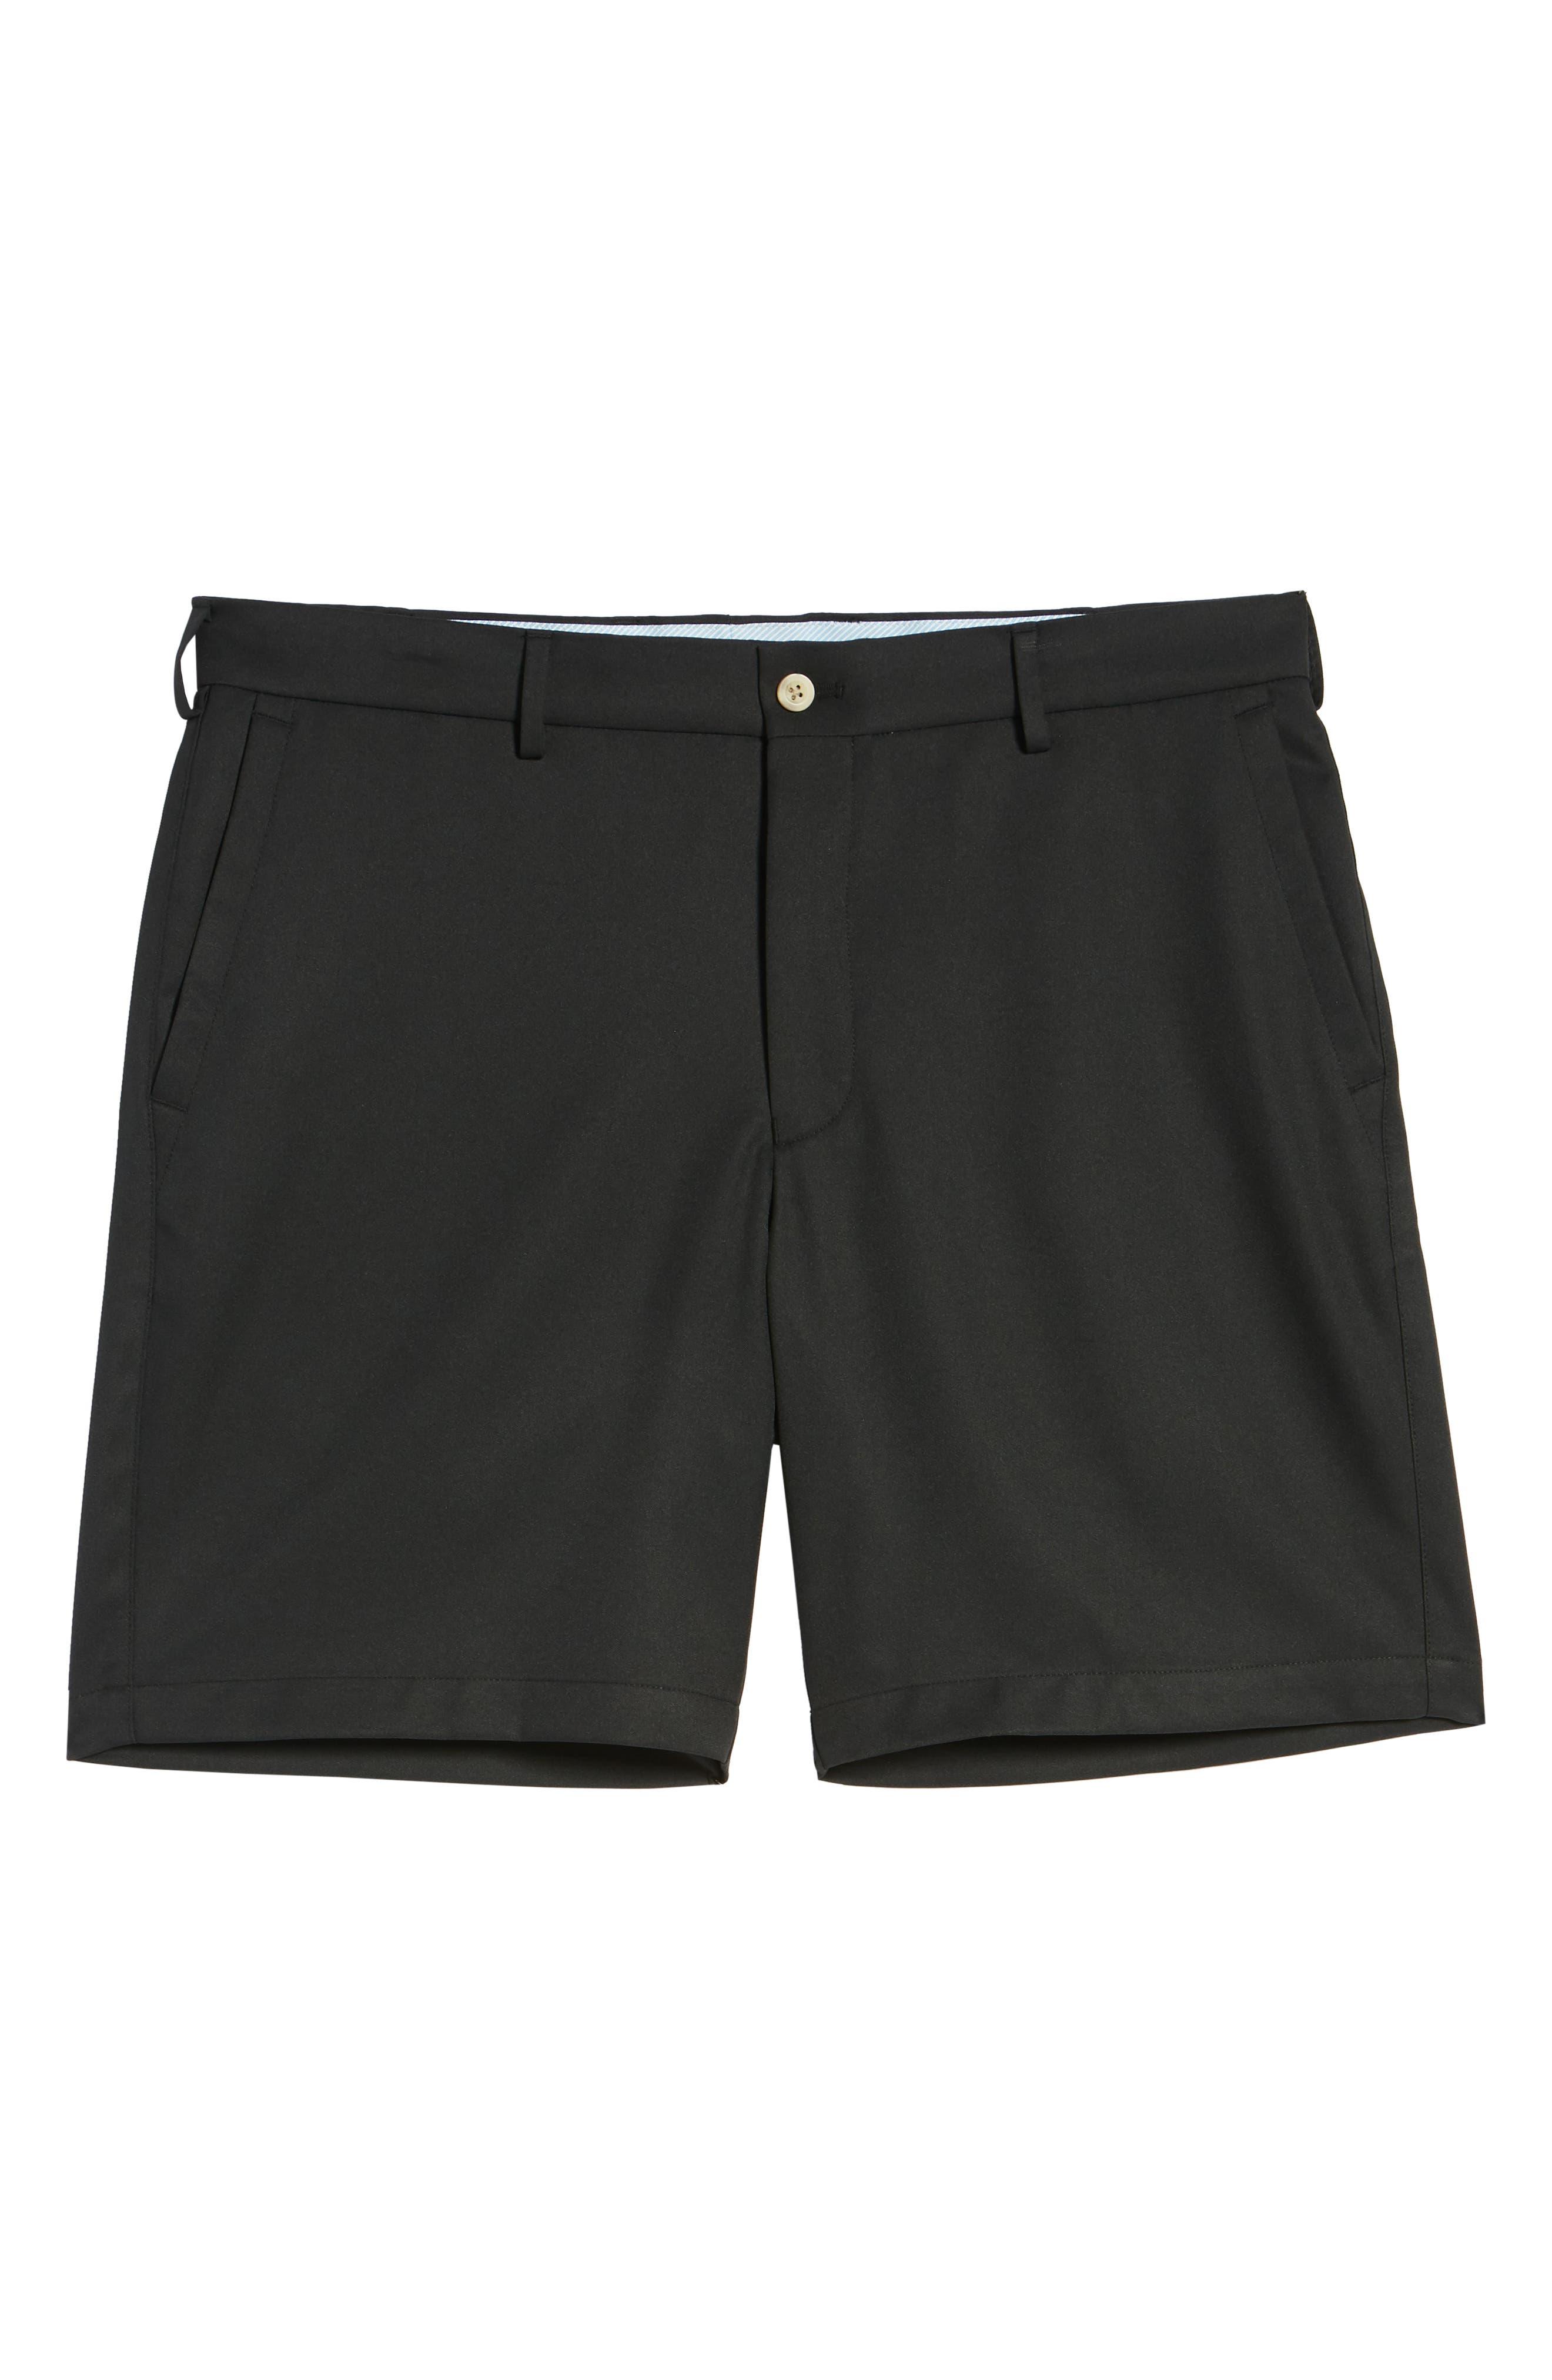 PETER MILLAR, Salem High Drape Performance Shorts, Alternate thumbnail 6, color, BLACK